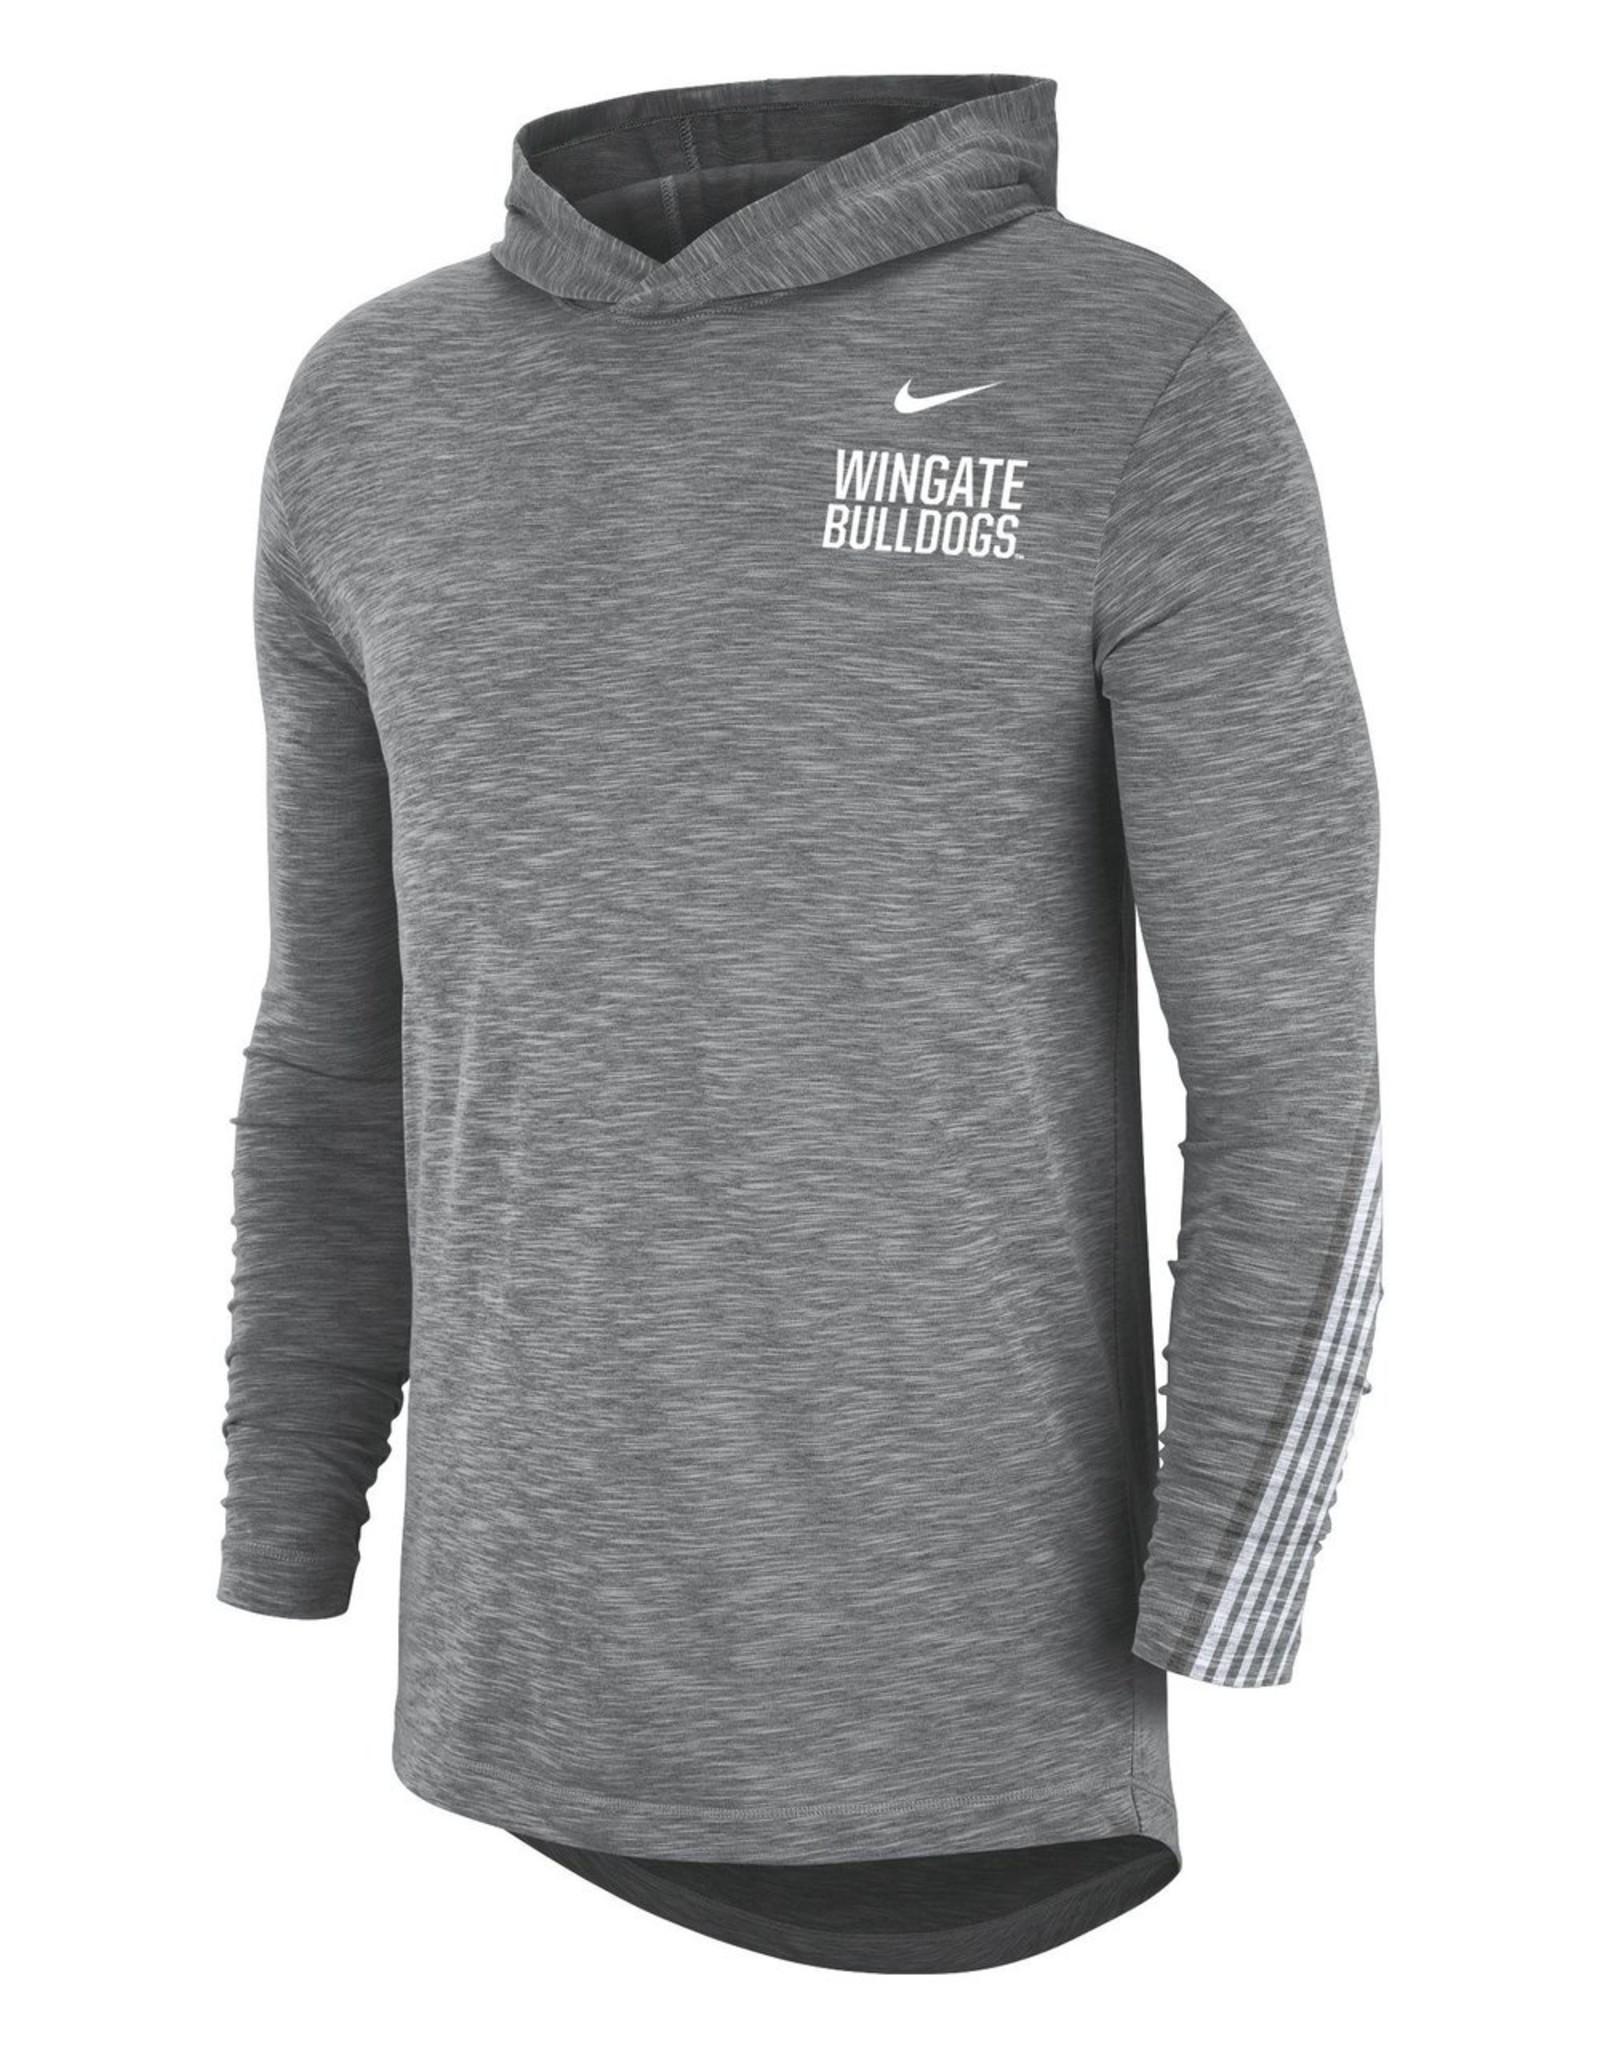 Nike Drifit Cotton Grey Hoodie Tee